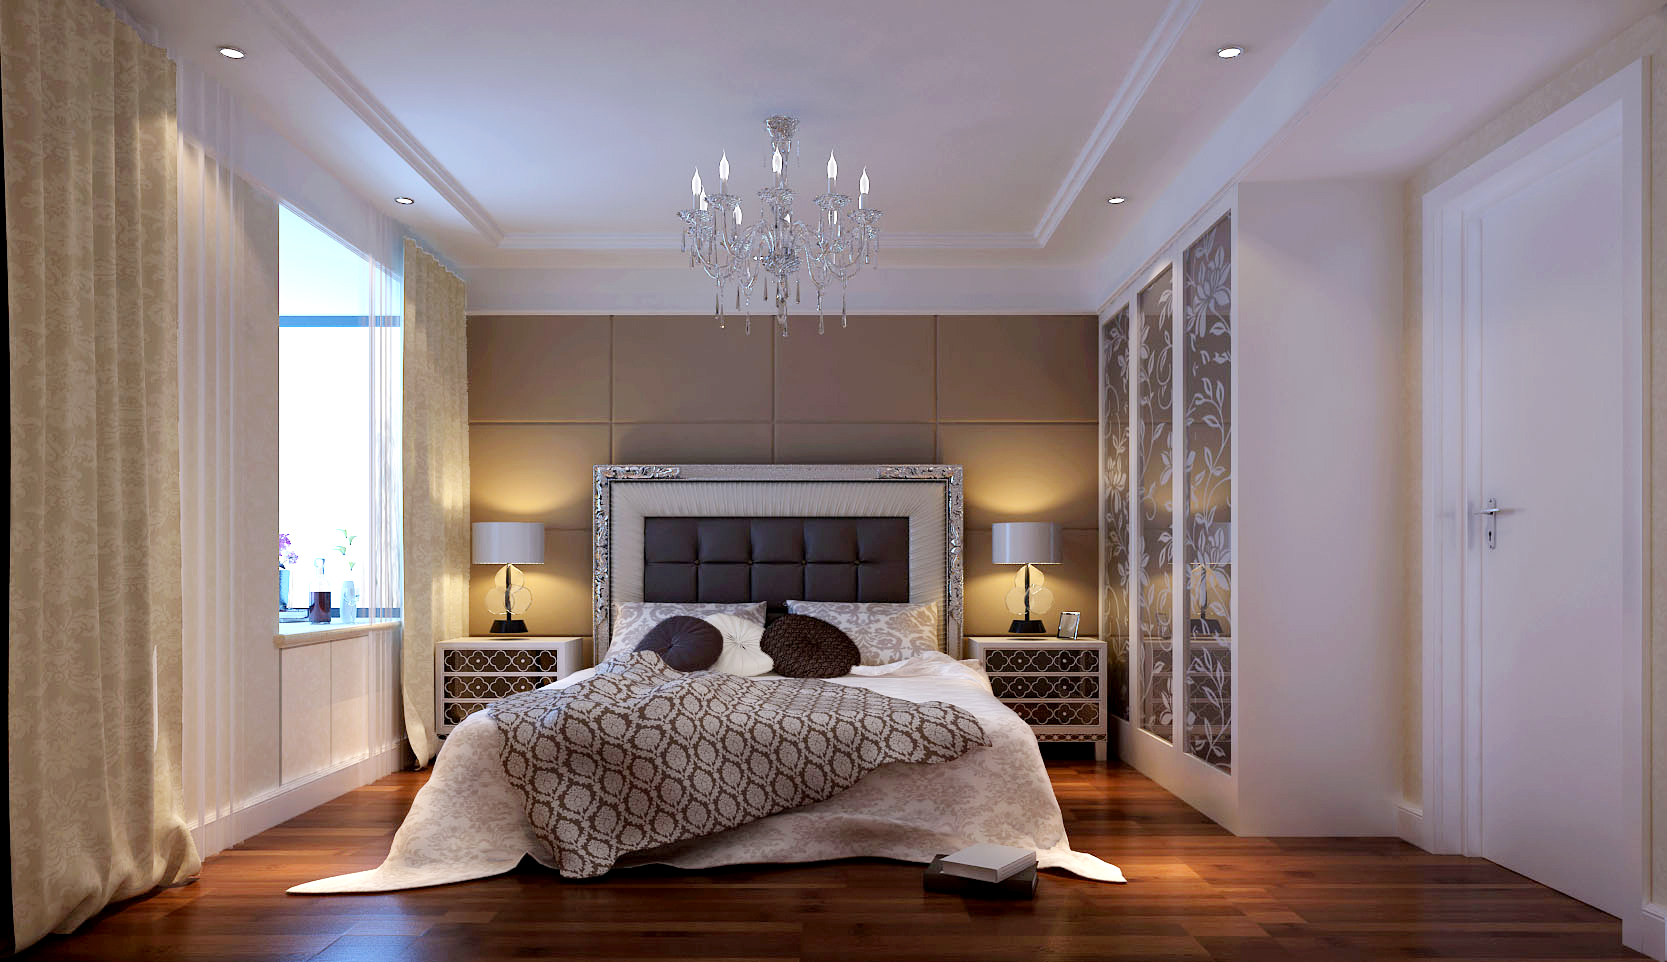 简约 欧式 三居 白领 80后 红杉世家 高度国际 秦大涛 婚房 卧室图片来自北京高度国际装饰设计在红杉世家简欧温润公寓的分享